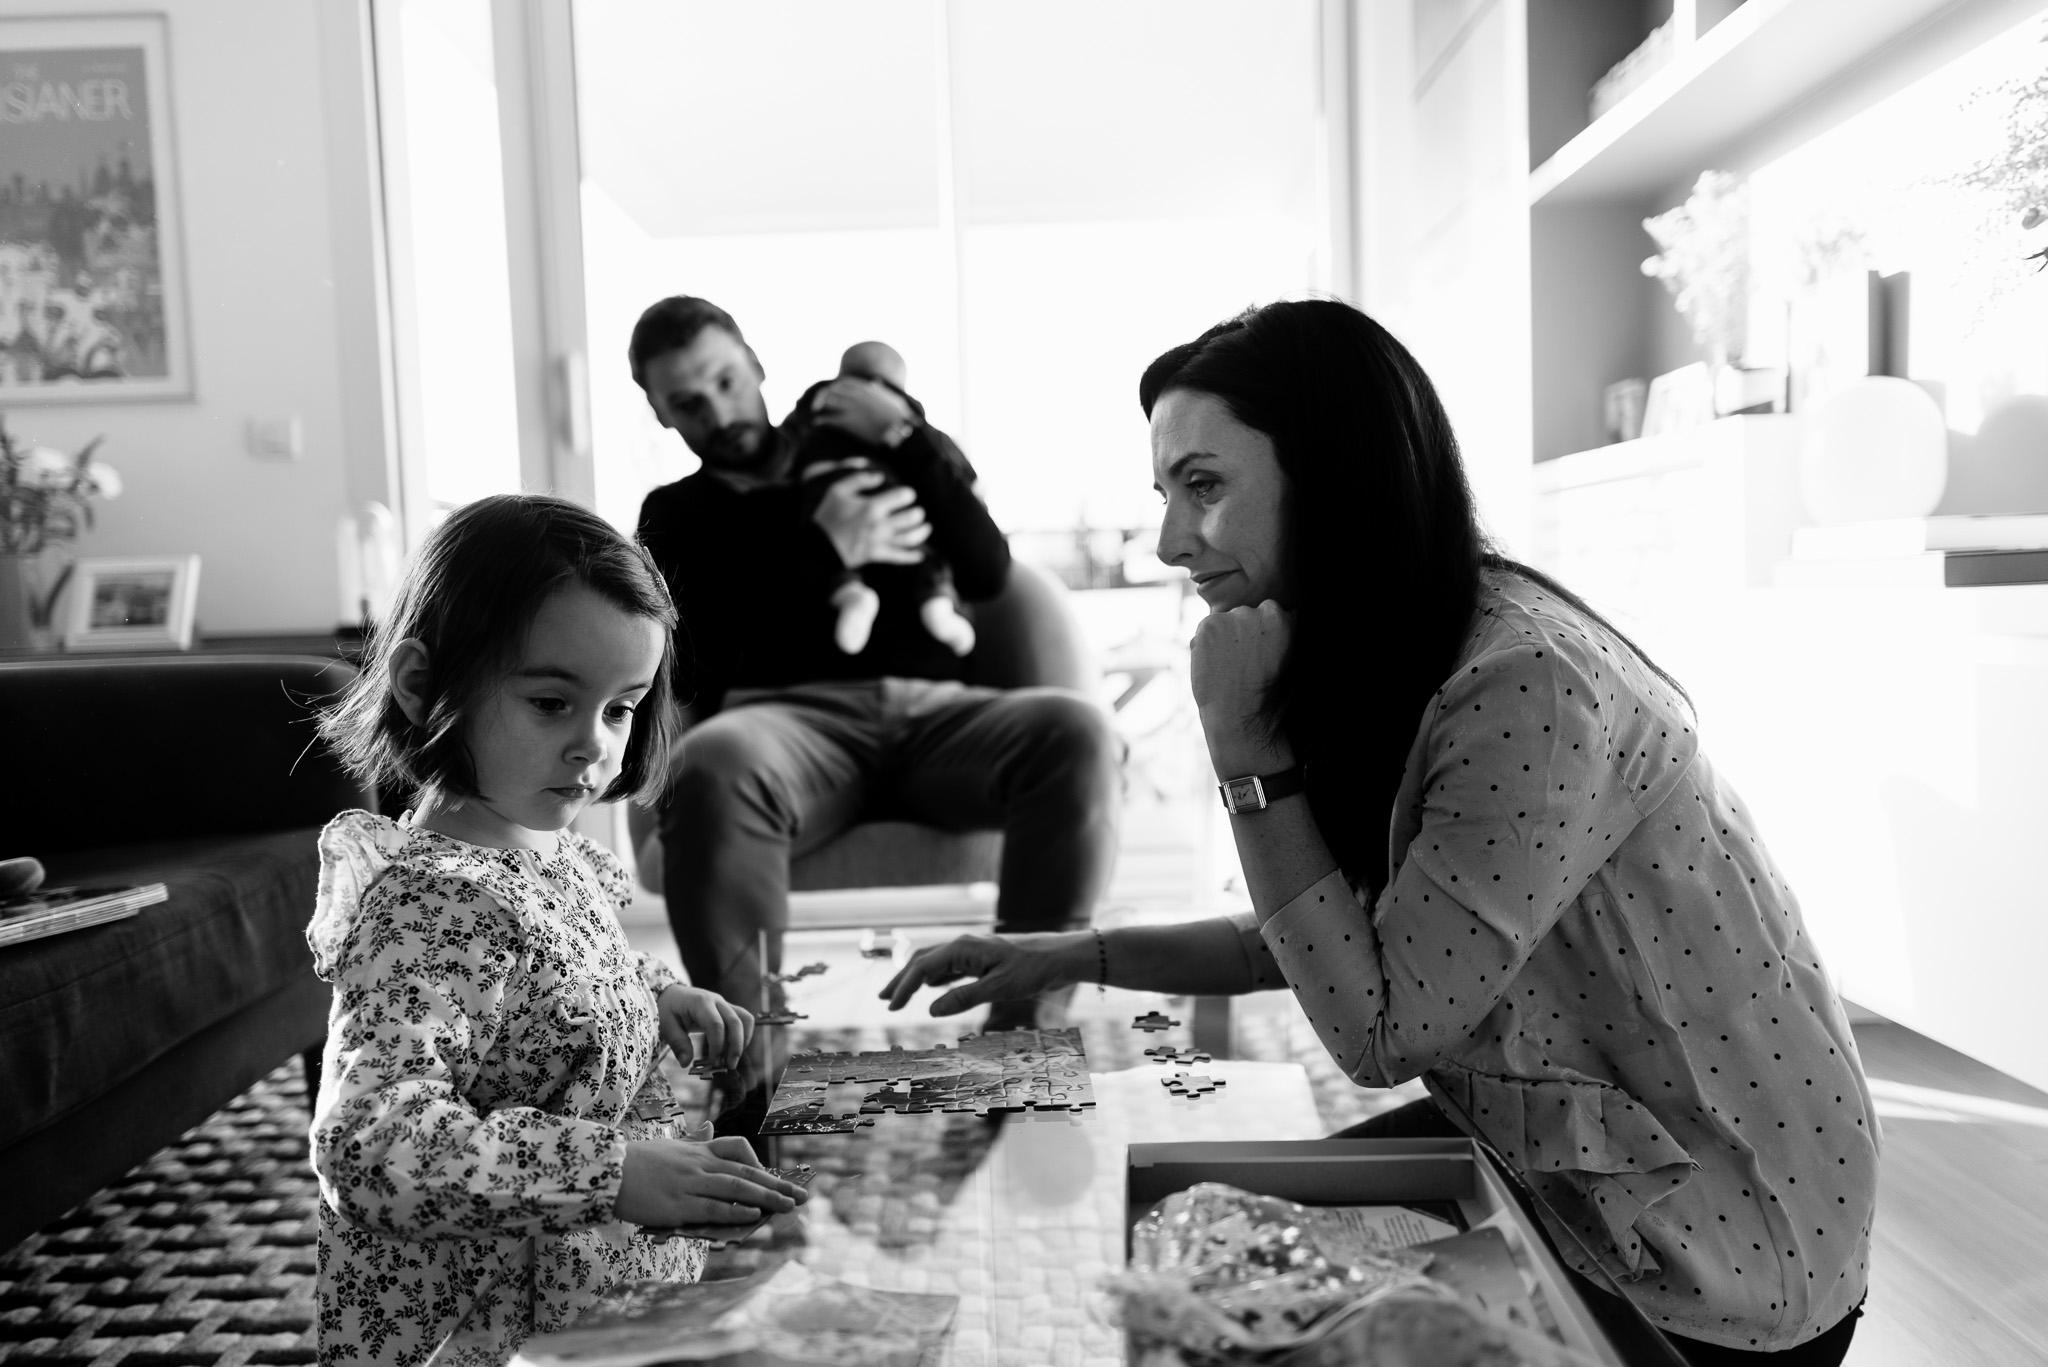 Séance photo nouveau-né naissance photographe Yvelines Paris Hauts de seine Chatou Rueil-Malmaison Sandrine Siryani